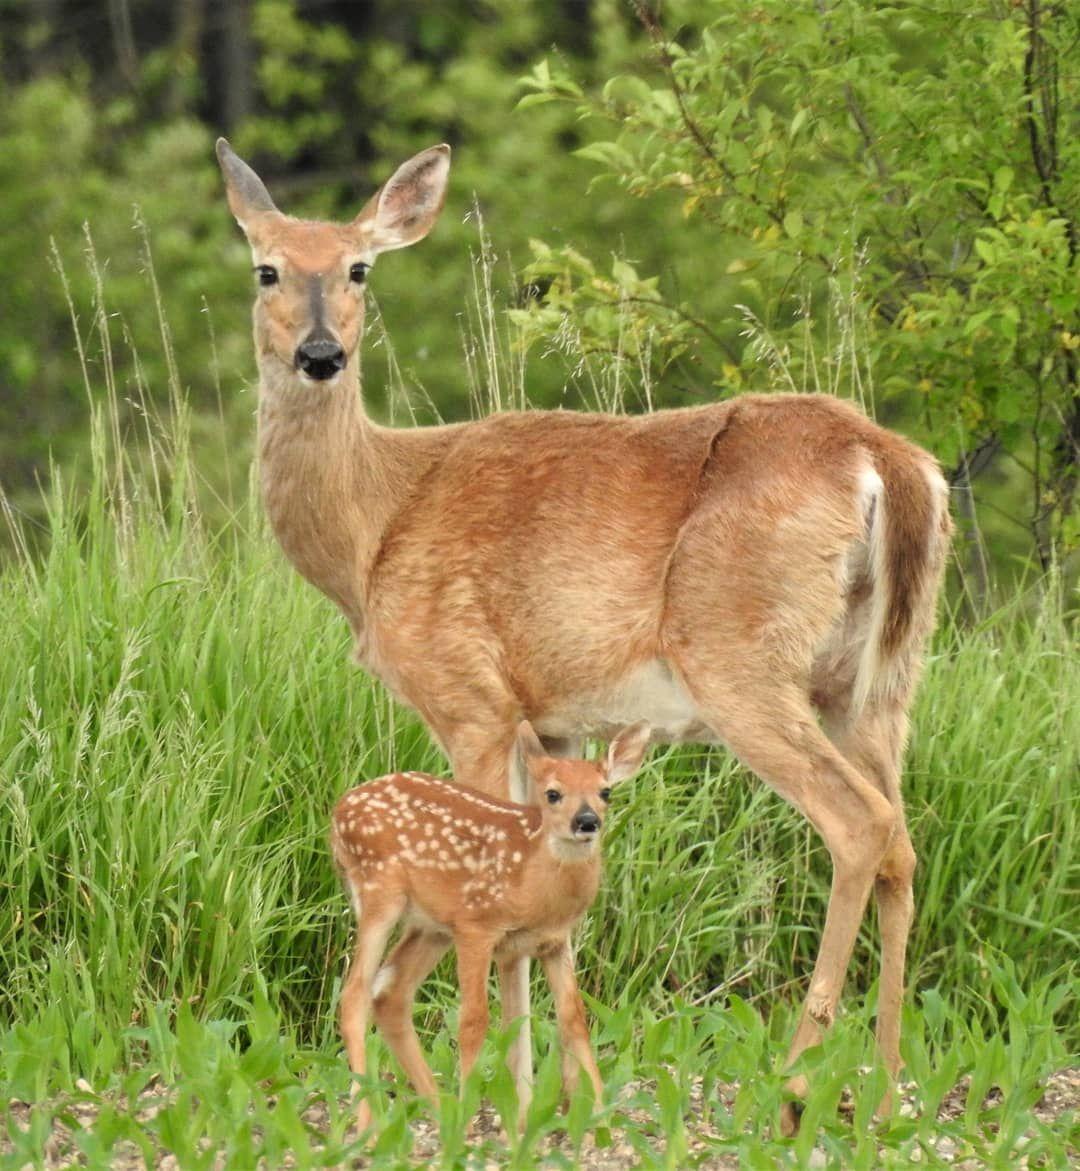 Momma And Her Baby Deer Deerlover Deerofinstagram Deerphotography Fawns Bambi Whitetaileddeer Whitetailaddicti Deer Photography Animals Whitetail Deer